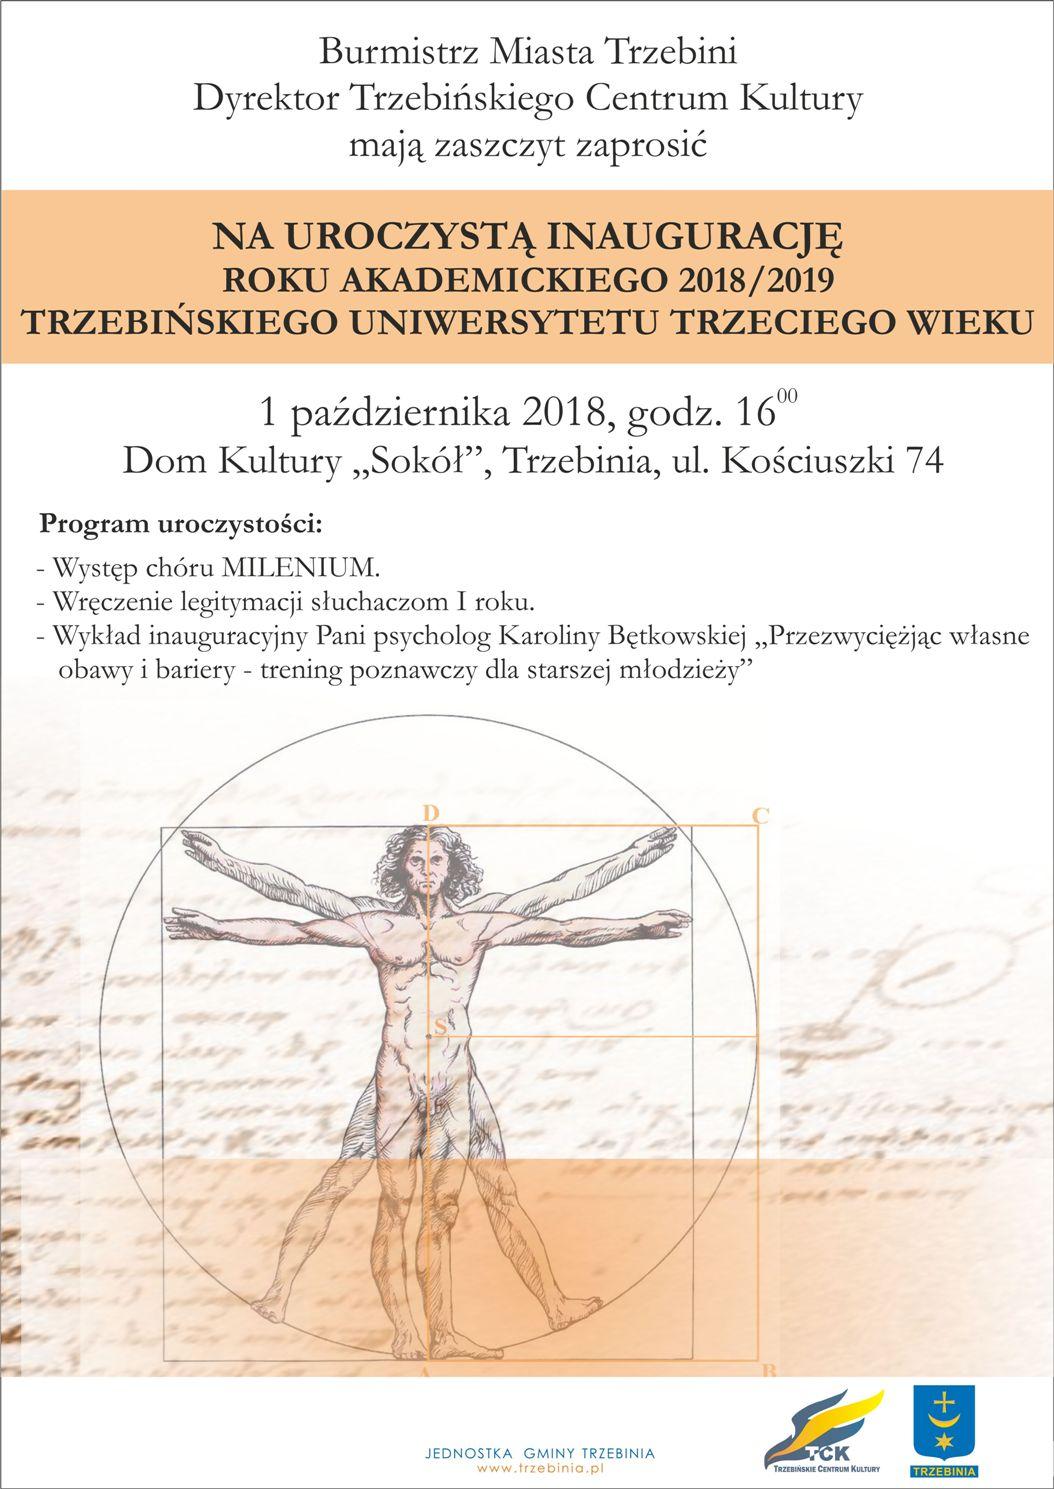 Inauguracja roku akademickiego 2018/19 TUTW